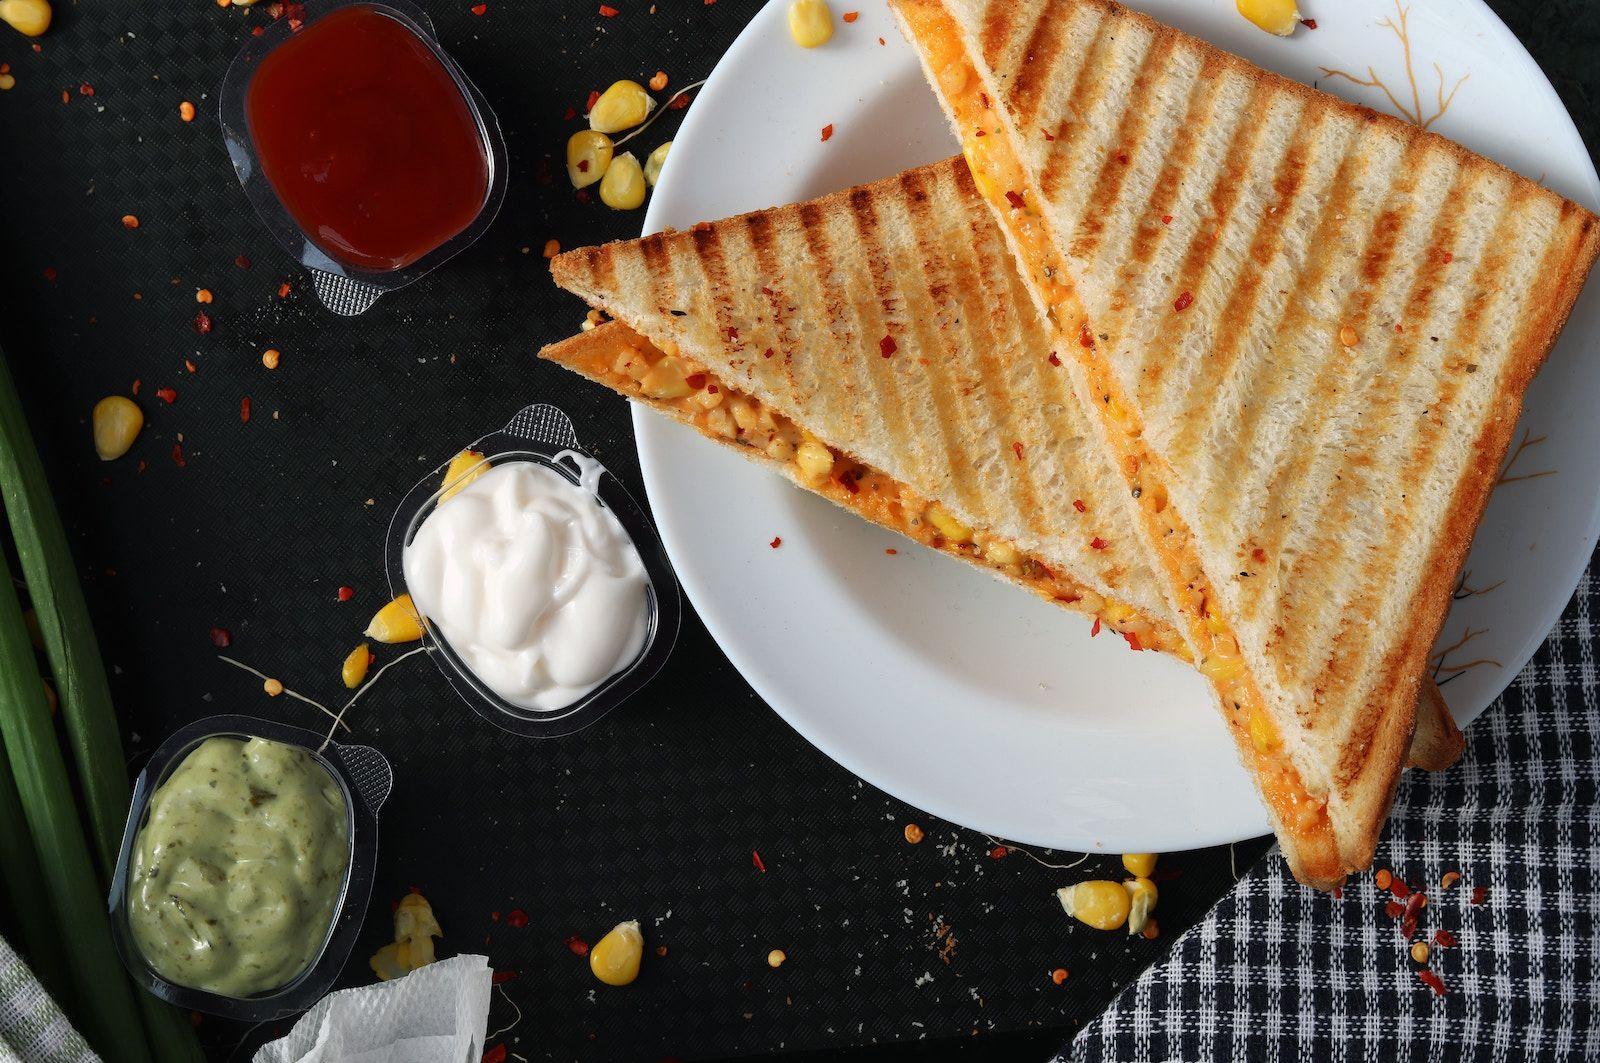 peri peri chicken sandwich